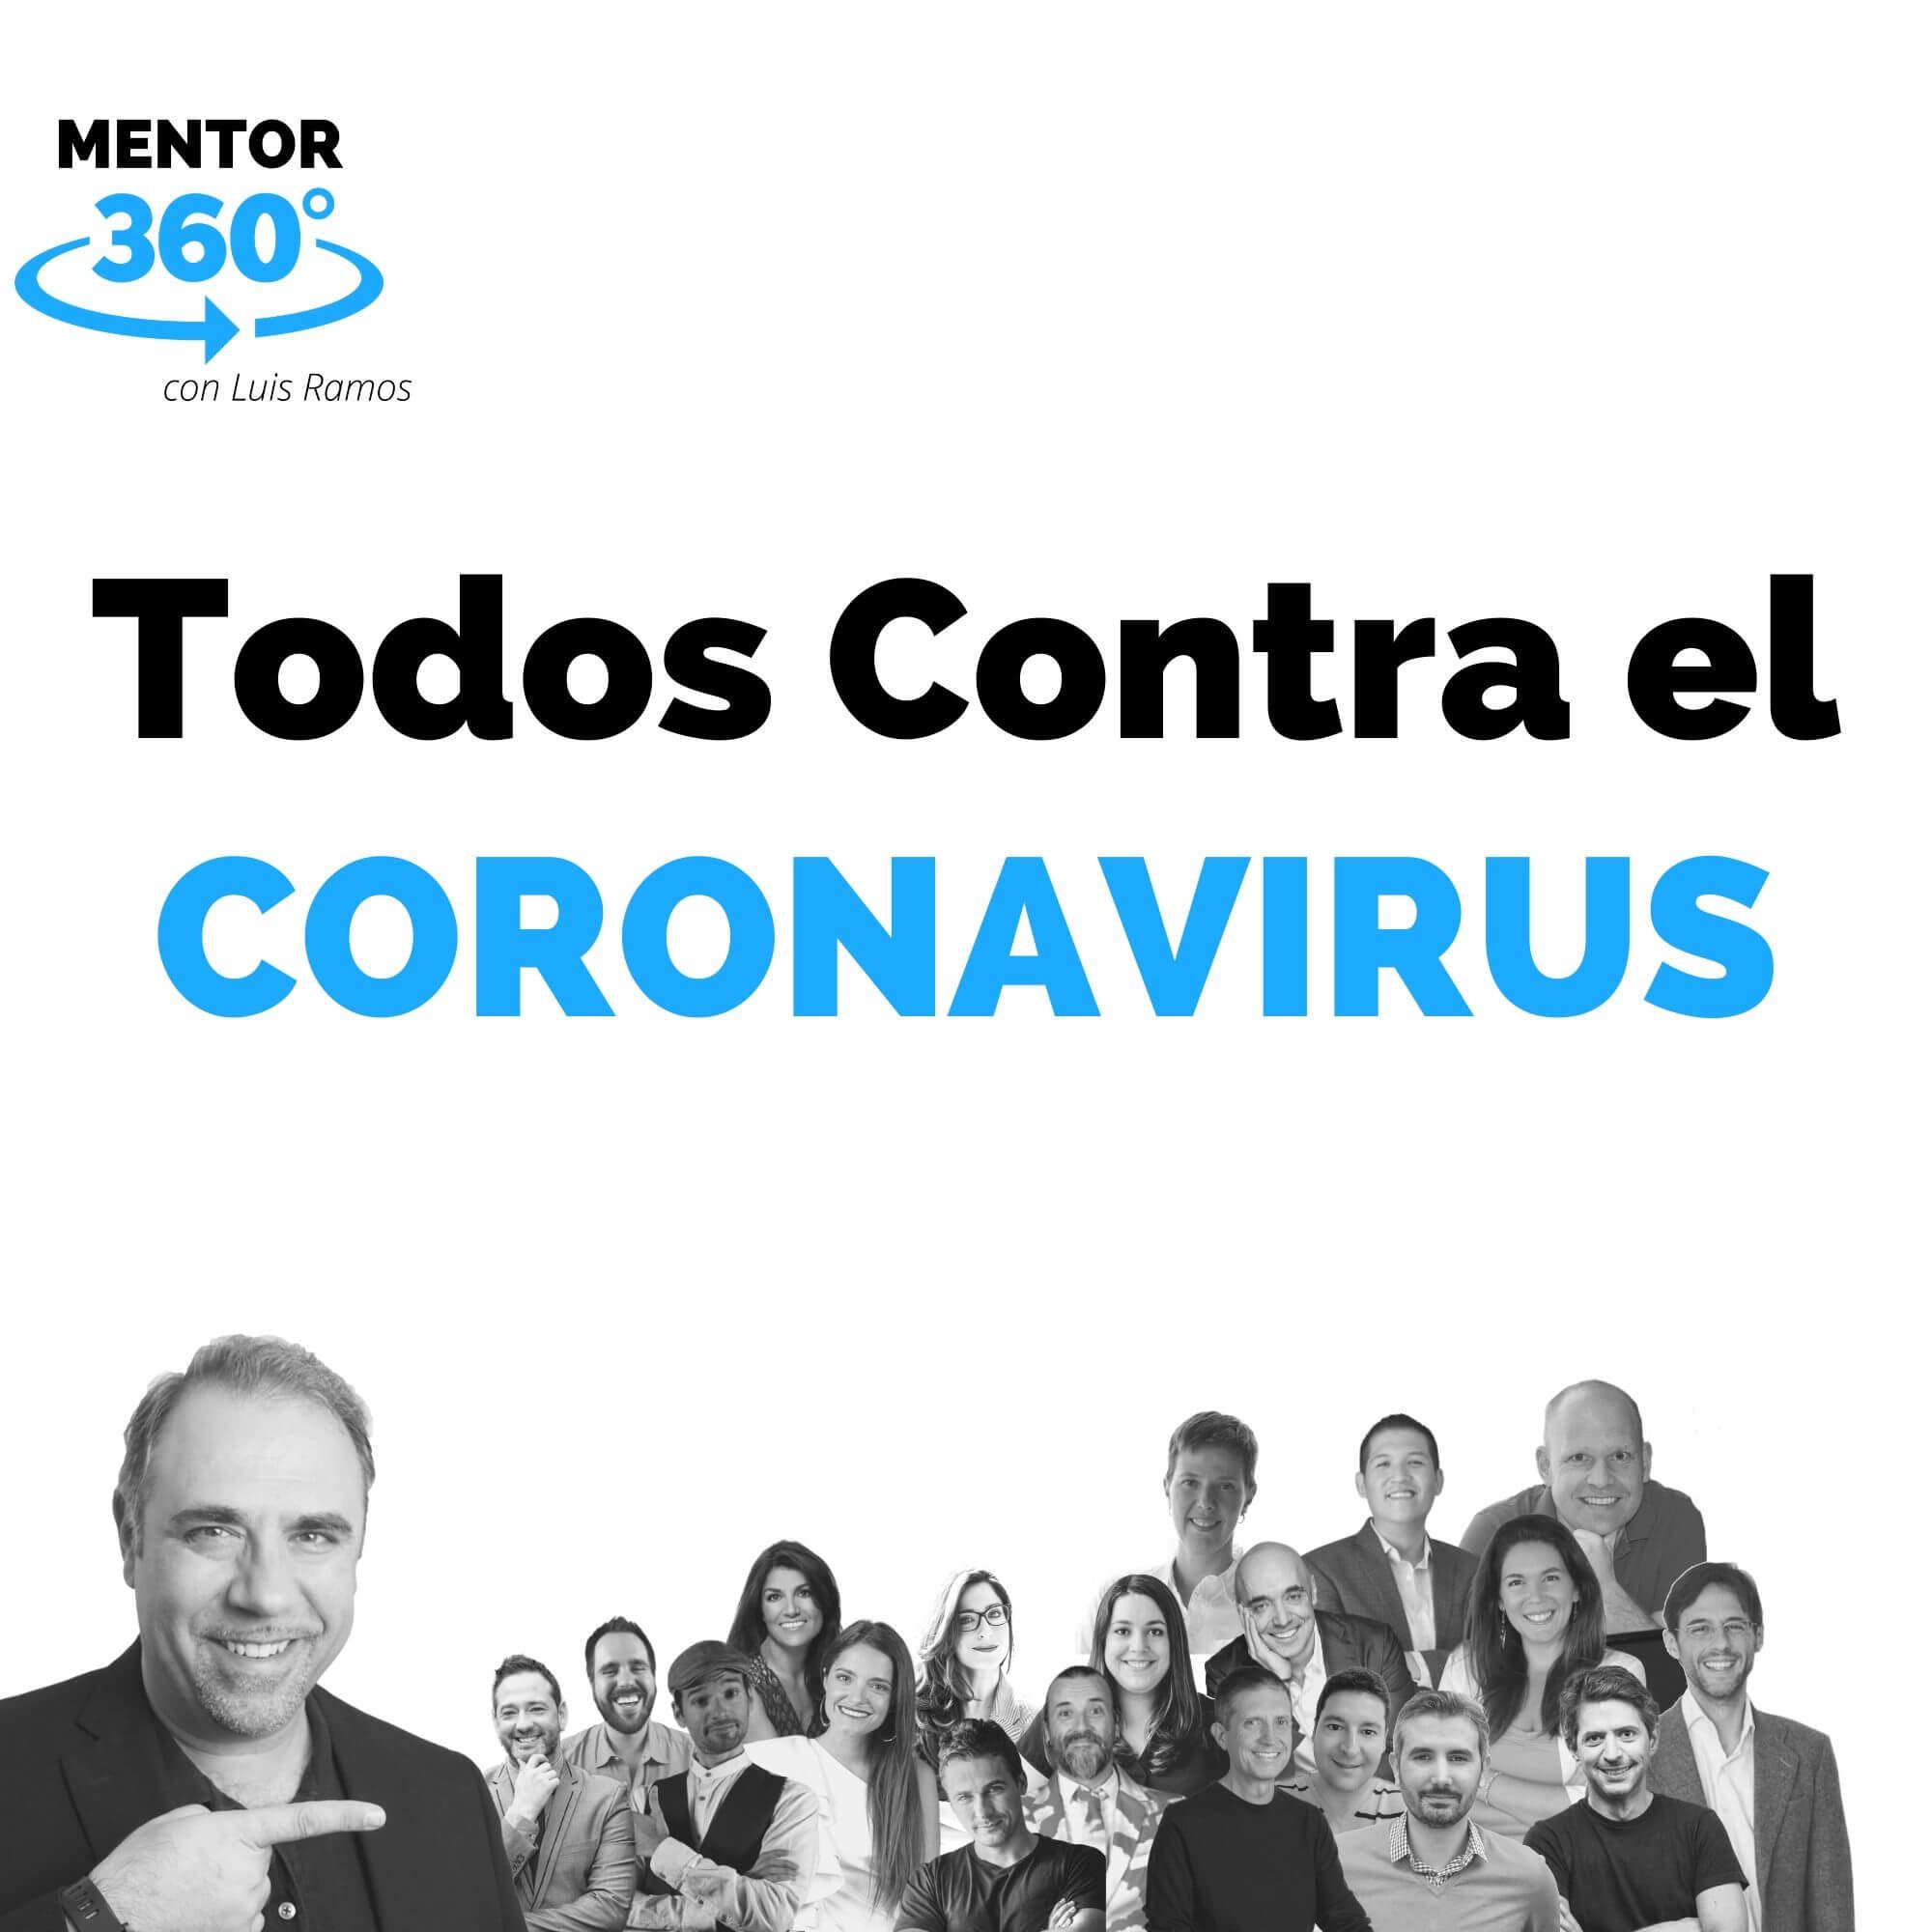 TODOS Contra el Coronavirus - Un programa de Libros para Emprendedores y MENTOR360